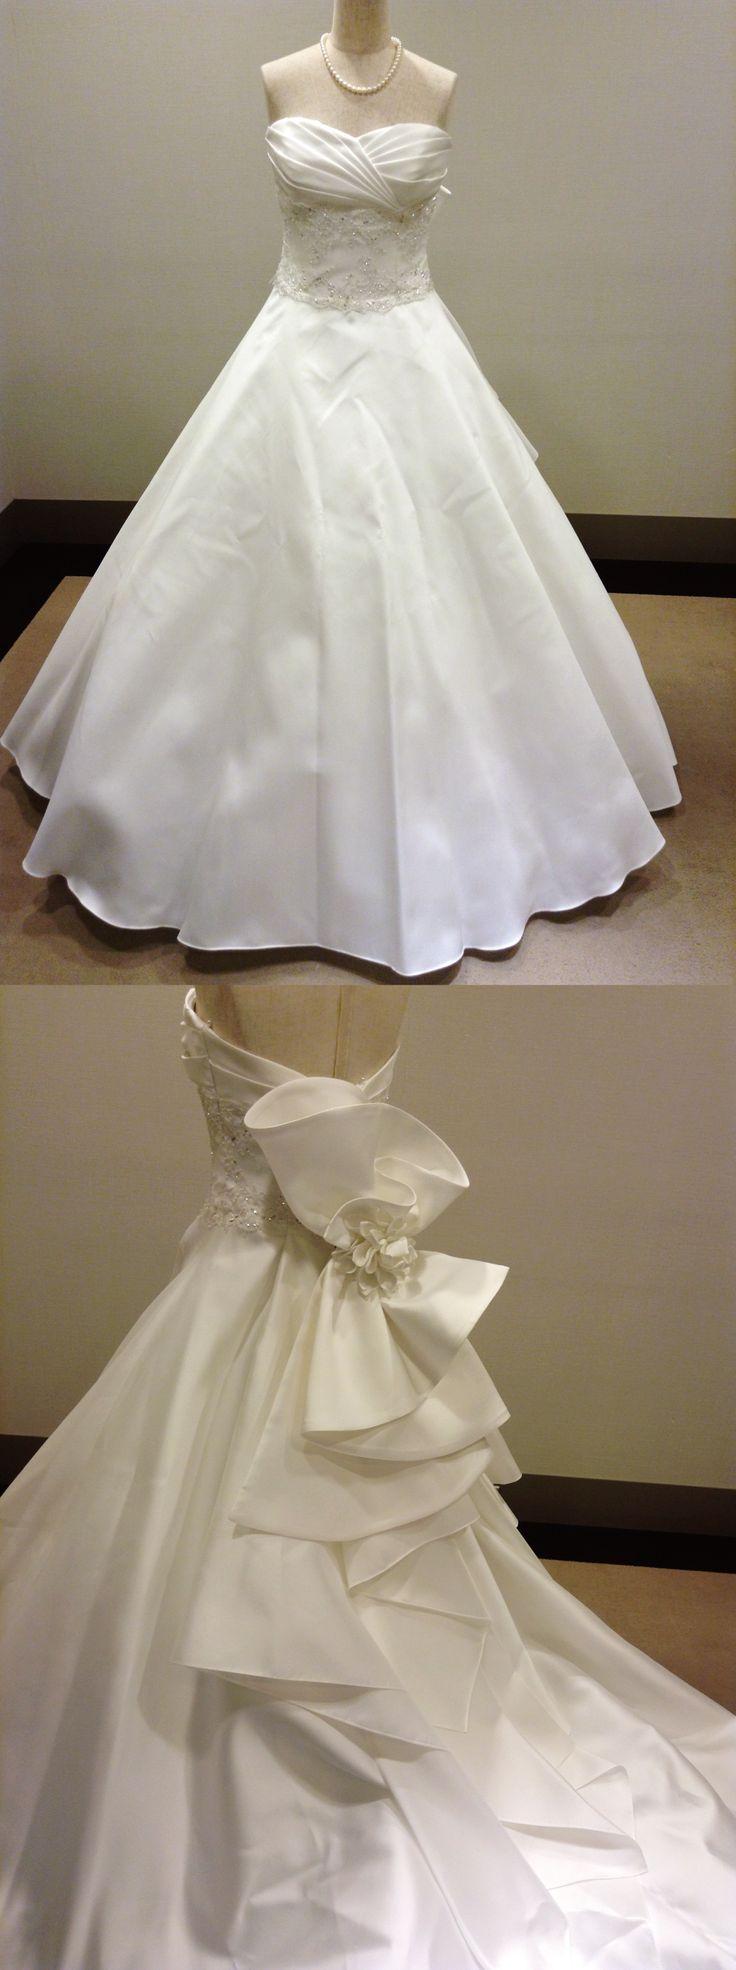 【新作ドレスが入荷しました!】江坂店/ウエディングドレス「Beata(ベアータ)」。ハリのある、重厚感たっぷりのミカド素材で作り上げた、Aラインのドレス。ウエストはシャンテリーレースに繊細なビーディングをしっかりとあしらい、メリハリのあるデザインが体をより細く綺麗に見せてくれます。ハートカットが大人の女性らしさをプラスして、より一層上品に。モチーフにはダリヤのコサージュが1輪添えられており、他にはないお洒落な衣裳をお探しの花嫁様におすすめです。